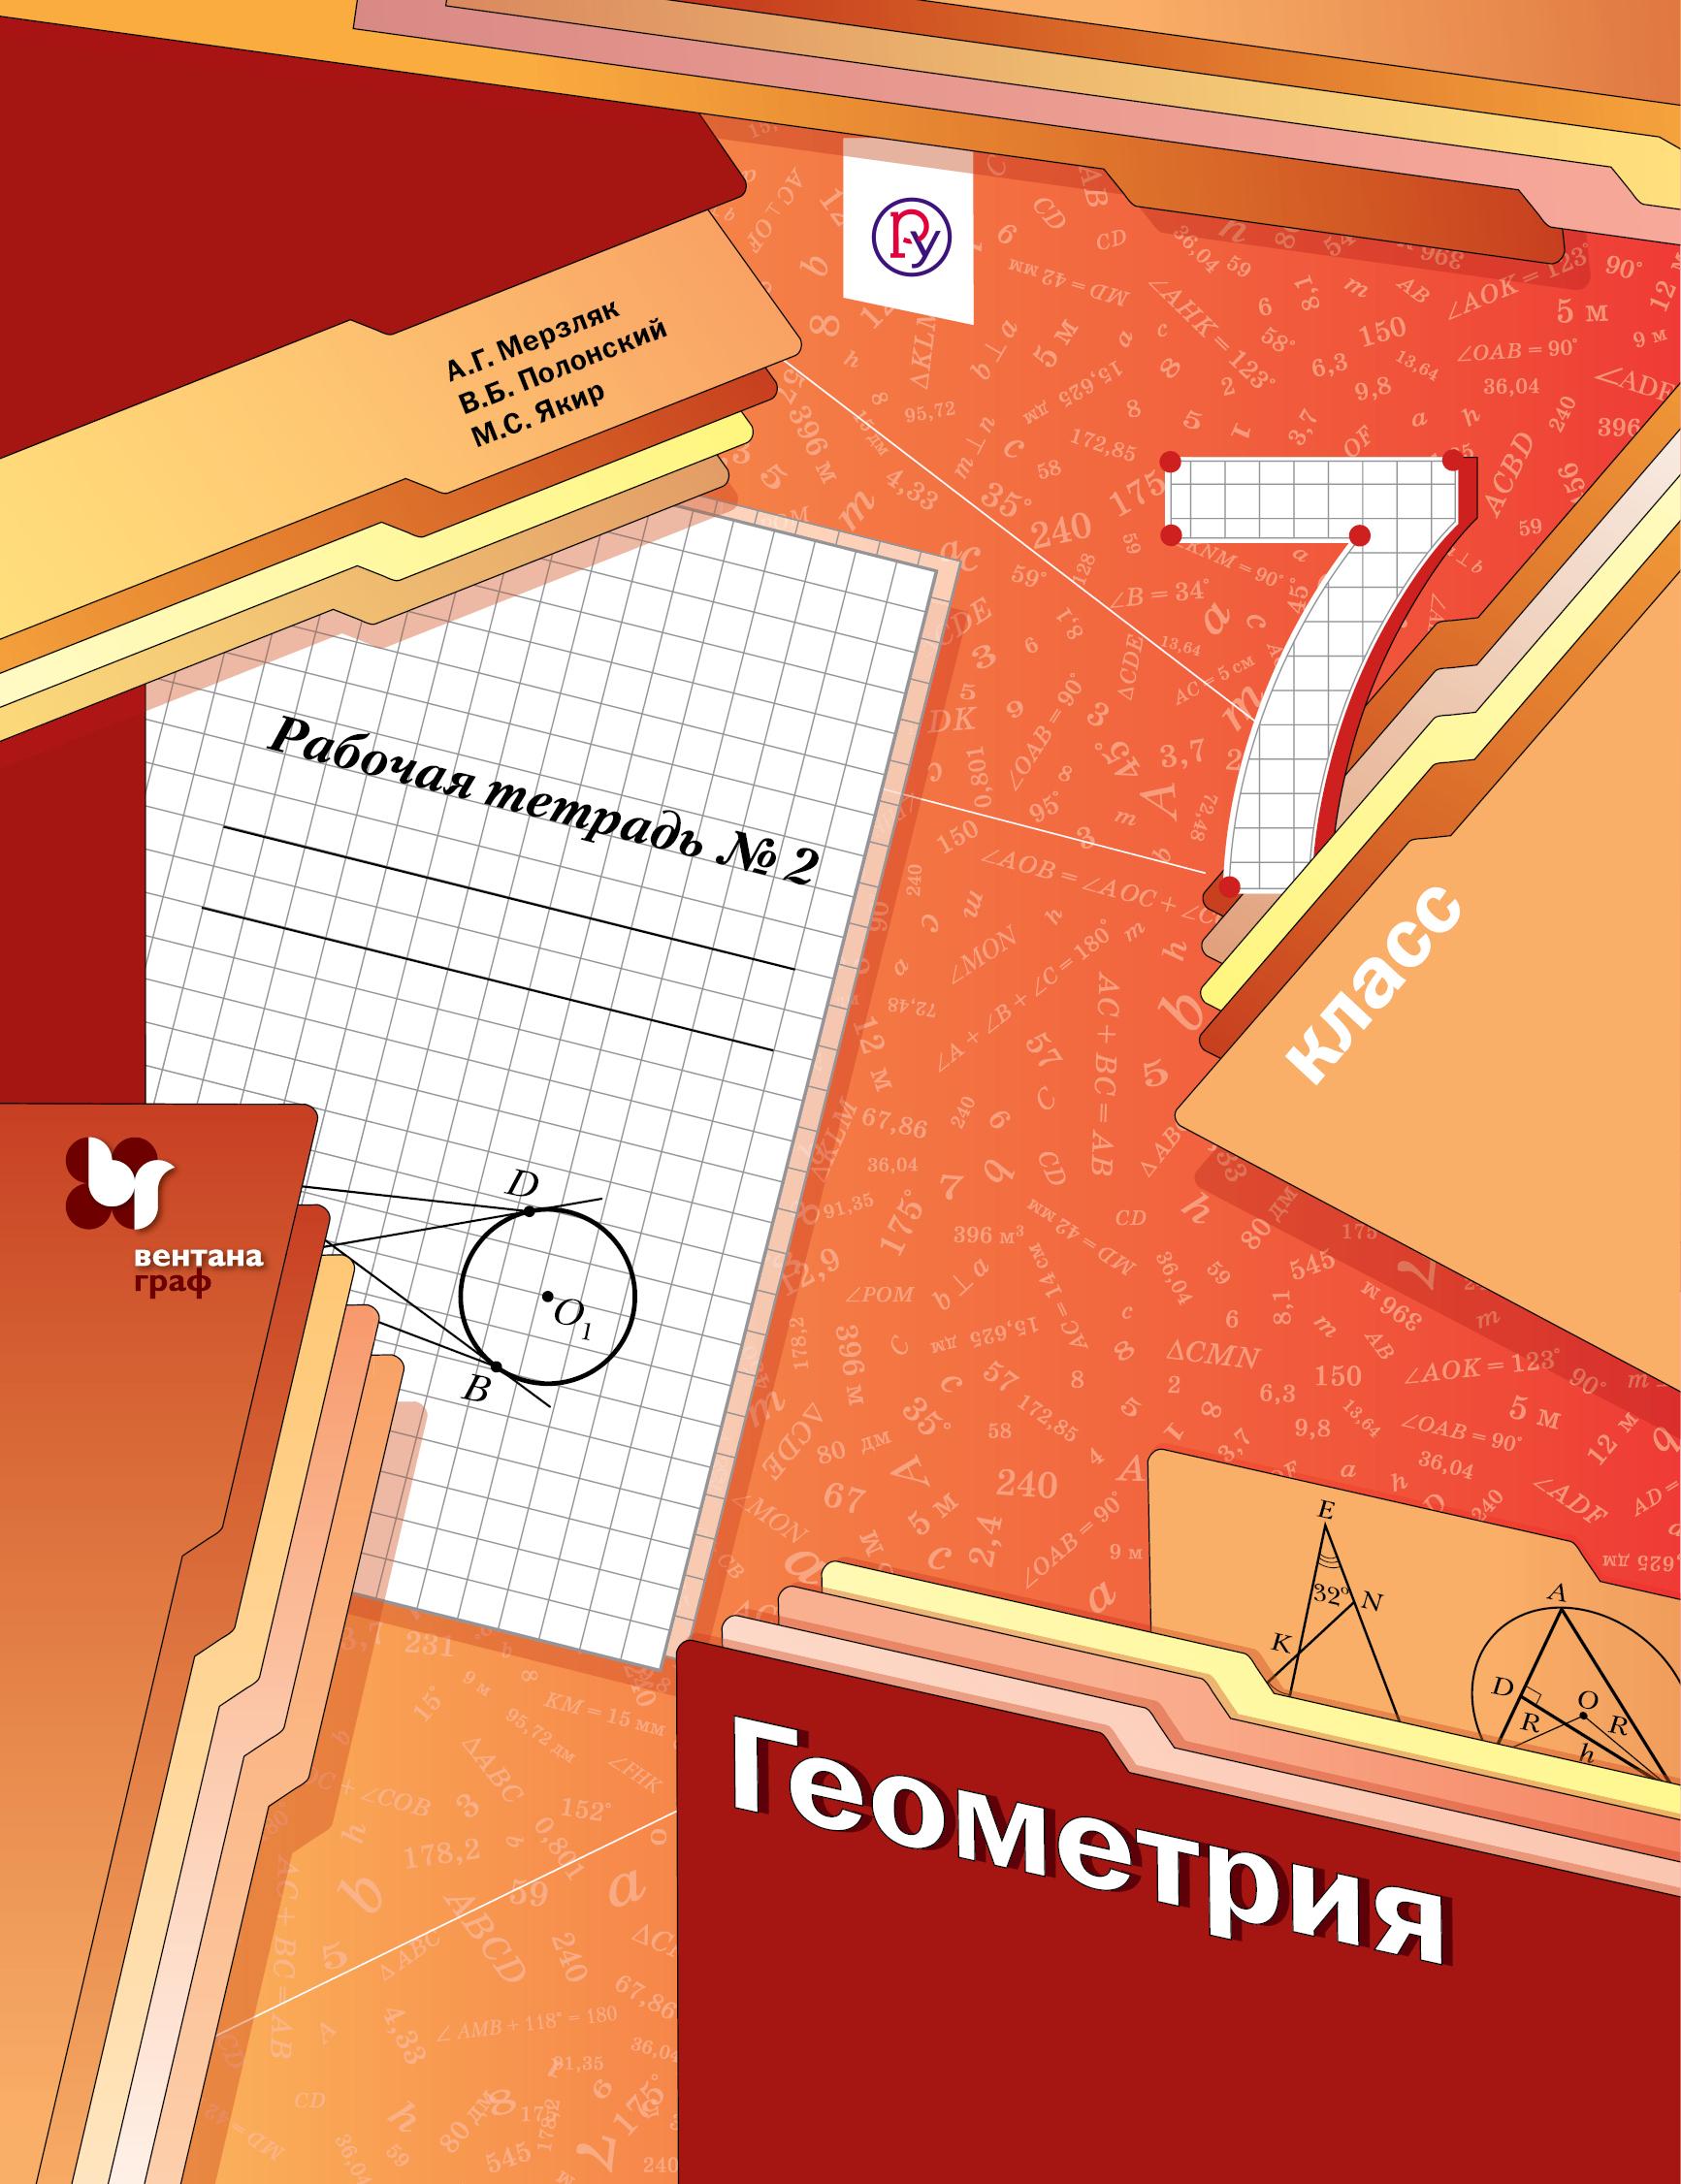 Геометрия. 7класс. Рабочая тетрадь № 2